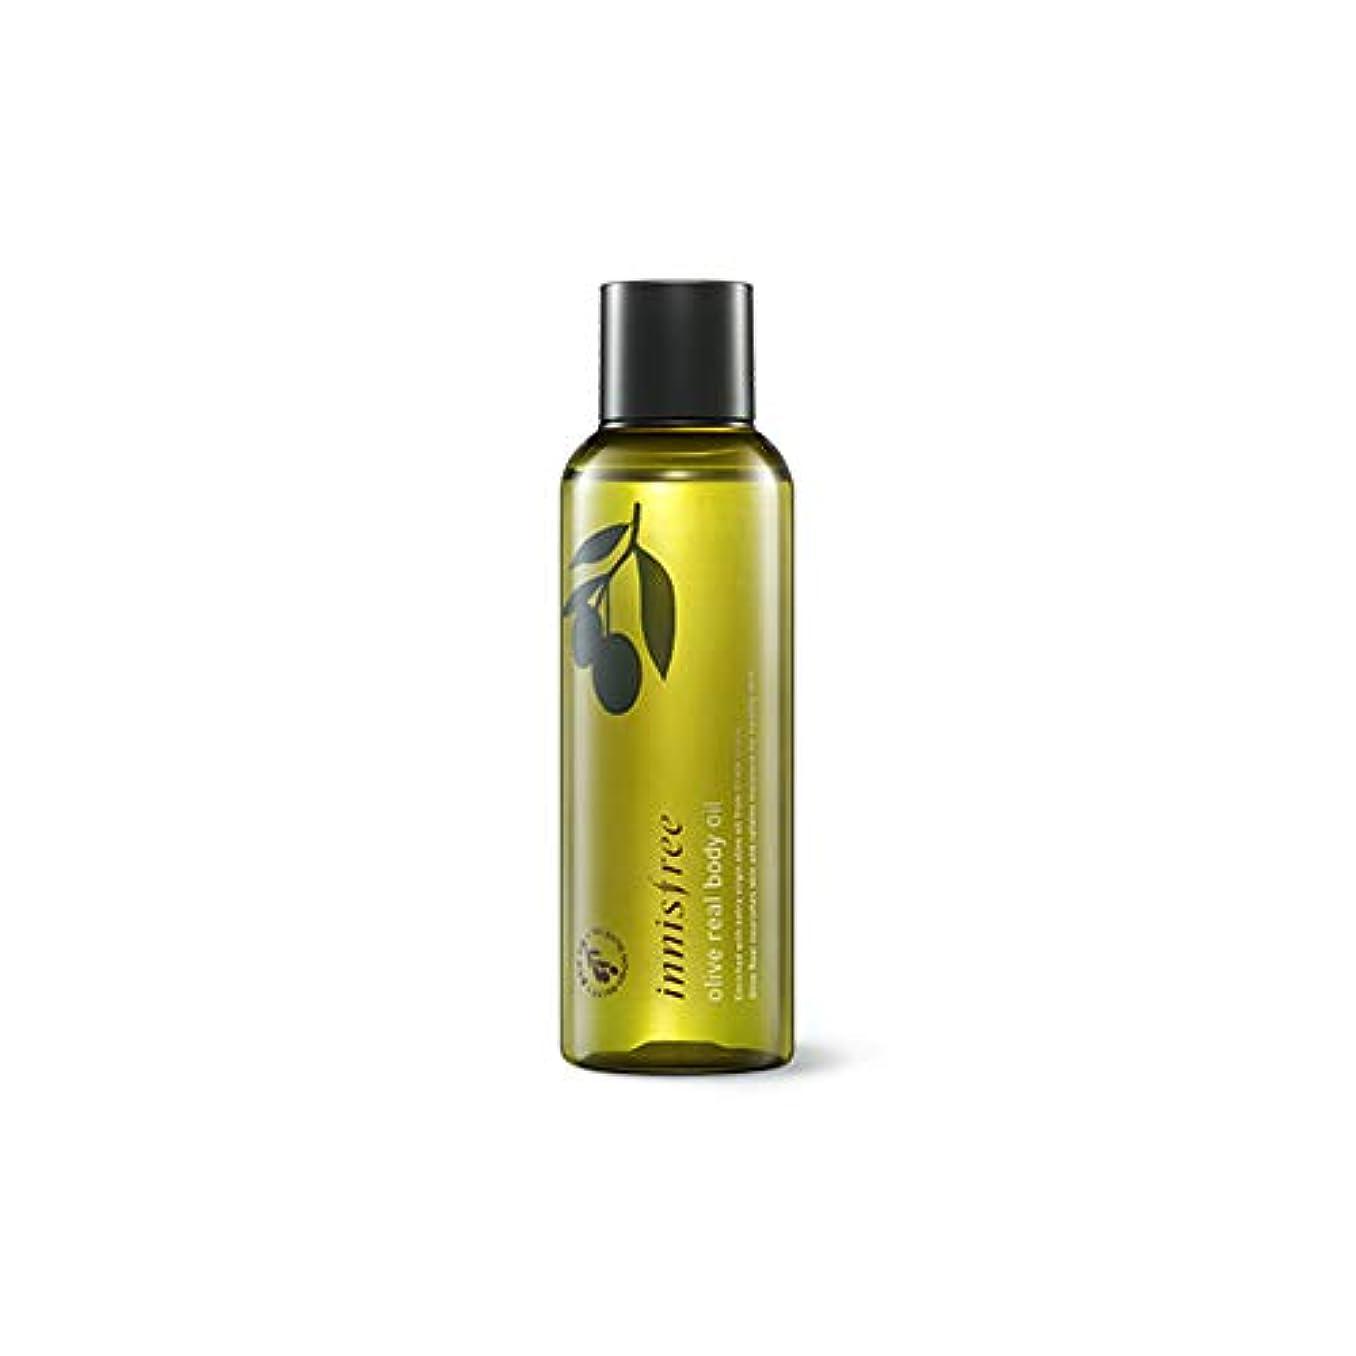 道路を作るプロセス光の純度イニスフリー Innisfree オリーブリアルボディーオイル(150ml) Innisfree Olive Real Body Oil(150ml) [海外直送品]